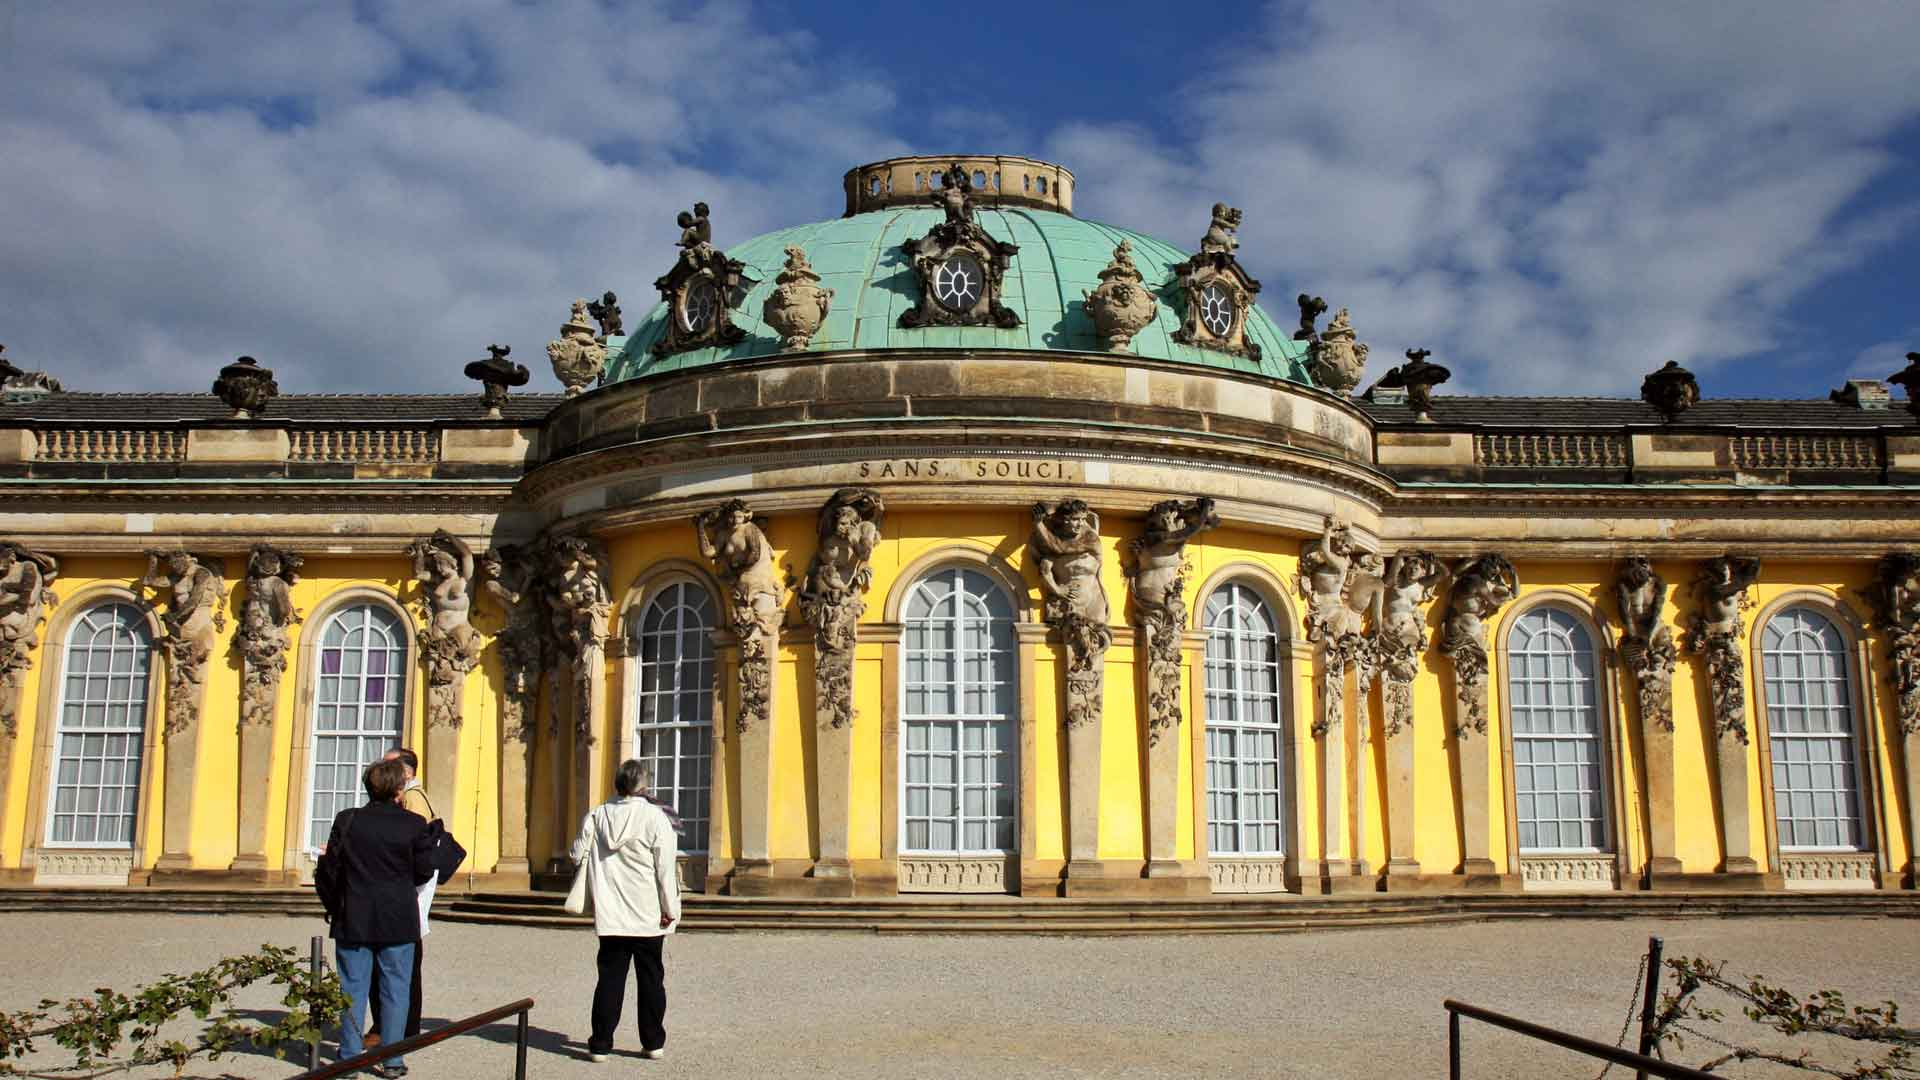 Het schitterende slot Sanssouci in Potsdam.